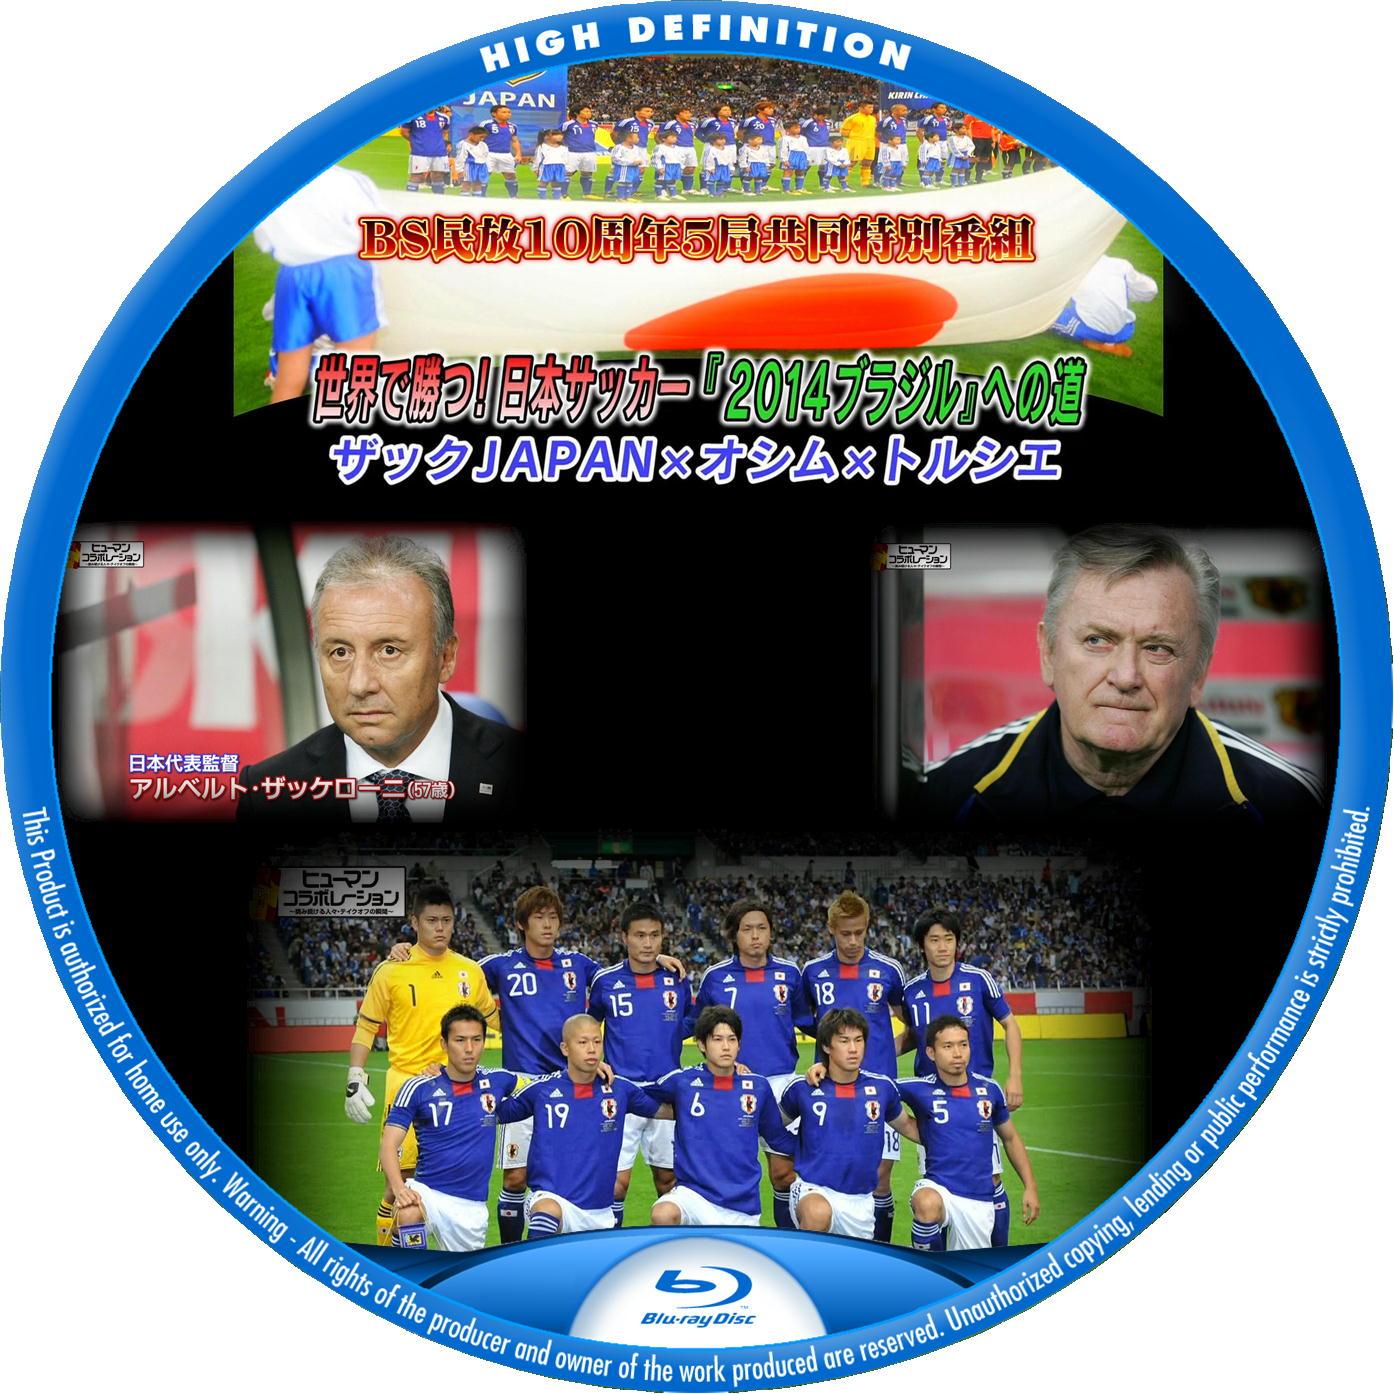 世界で勝つ!日本サッカー「2014ブラジル」への道 Blu-rayラベル